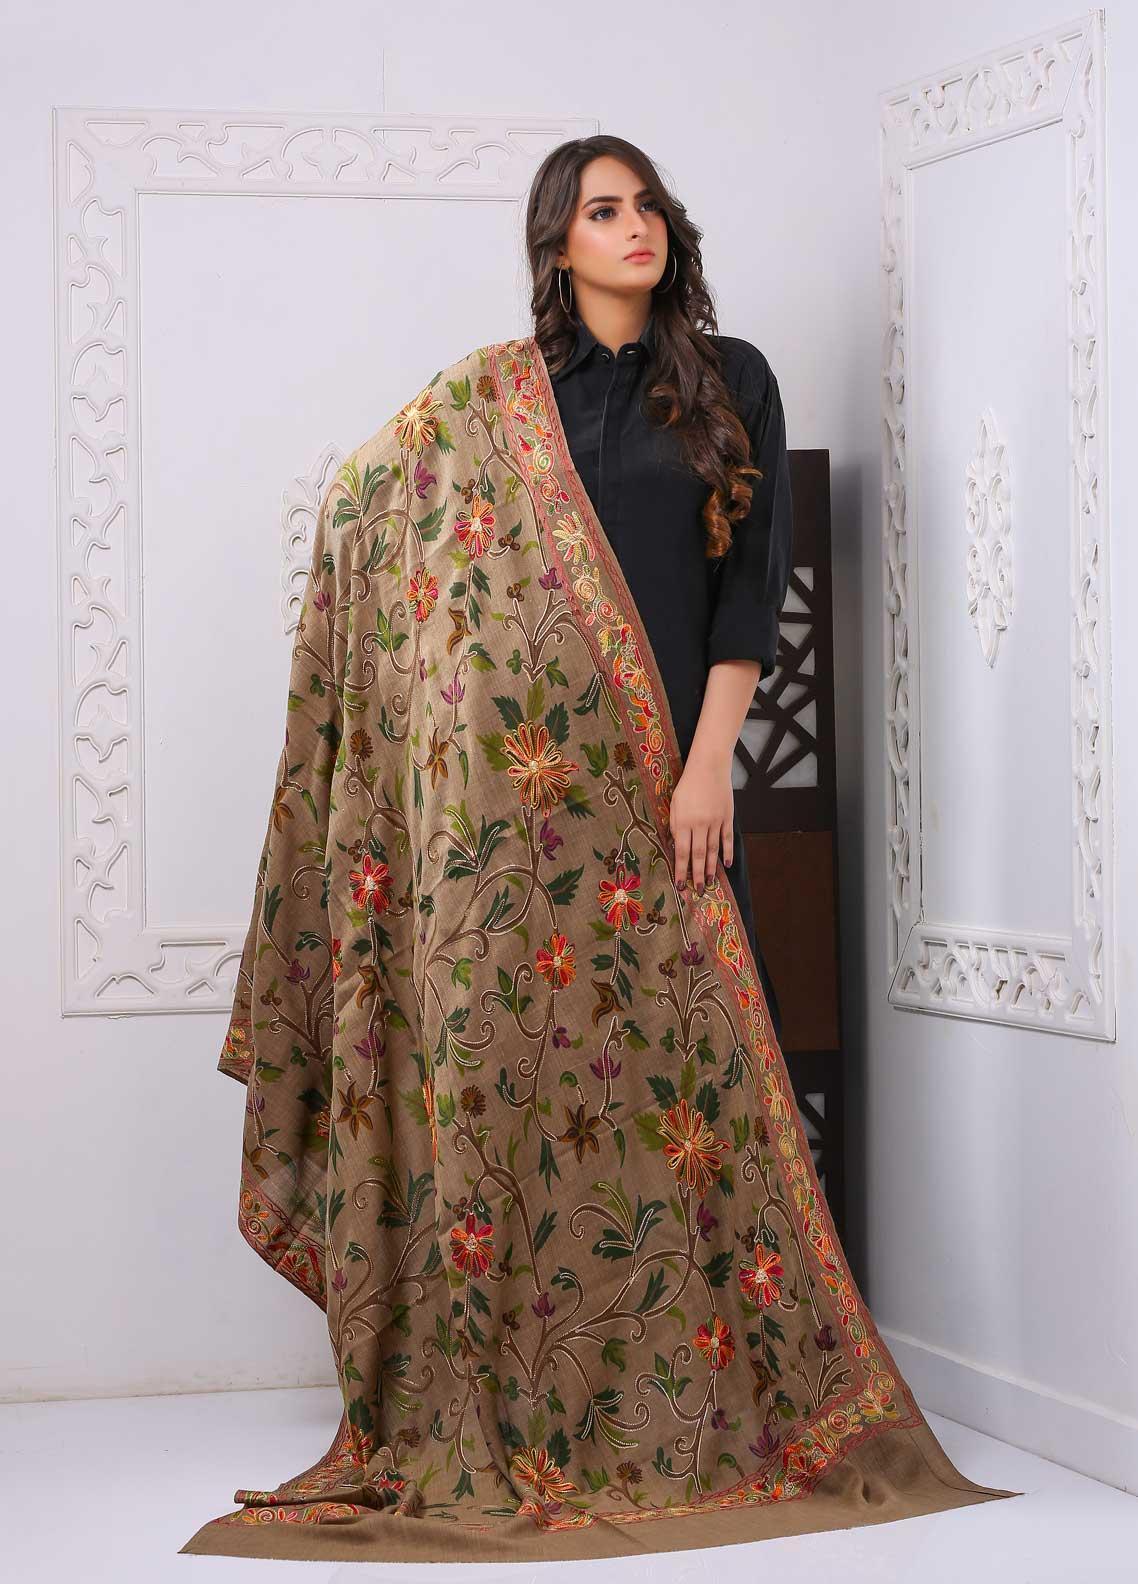 Sanaulla Exclusive Range Embroidered Premium Pashmina  Shawl PRMSH 324030 - Premium Pashmina Shawls